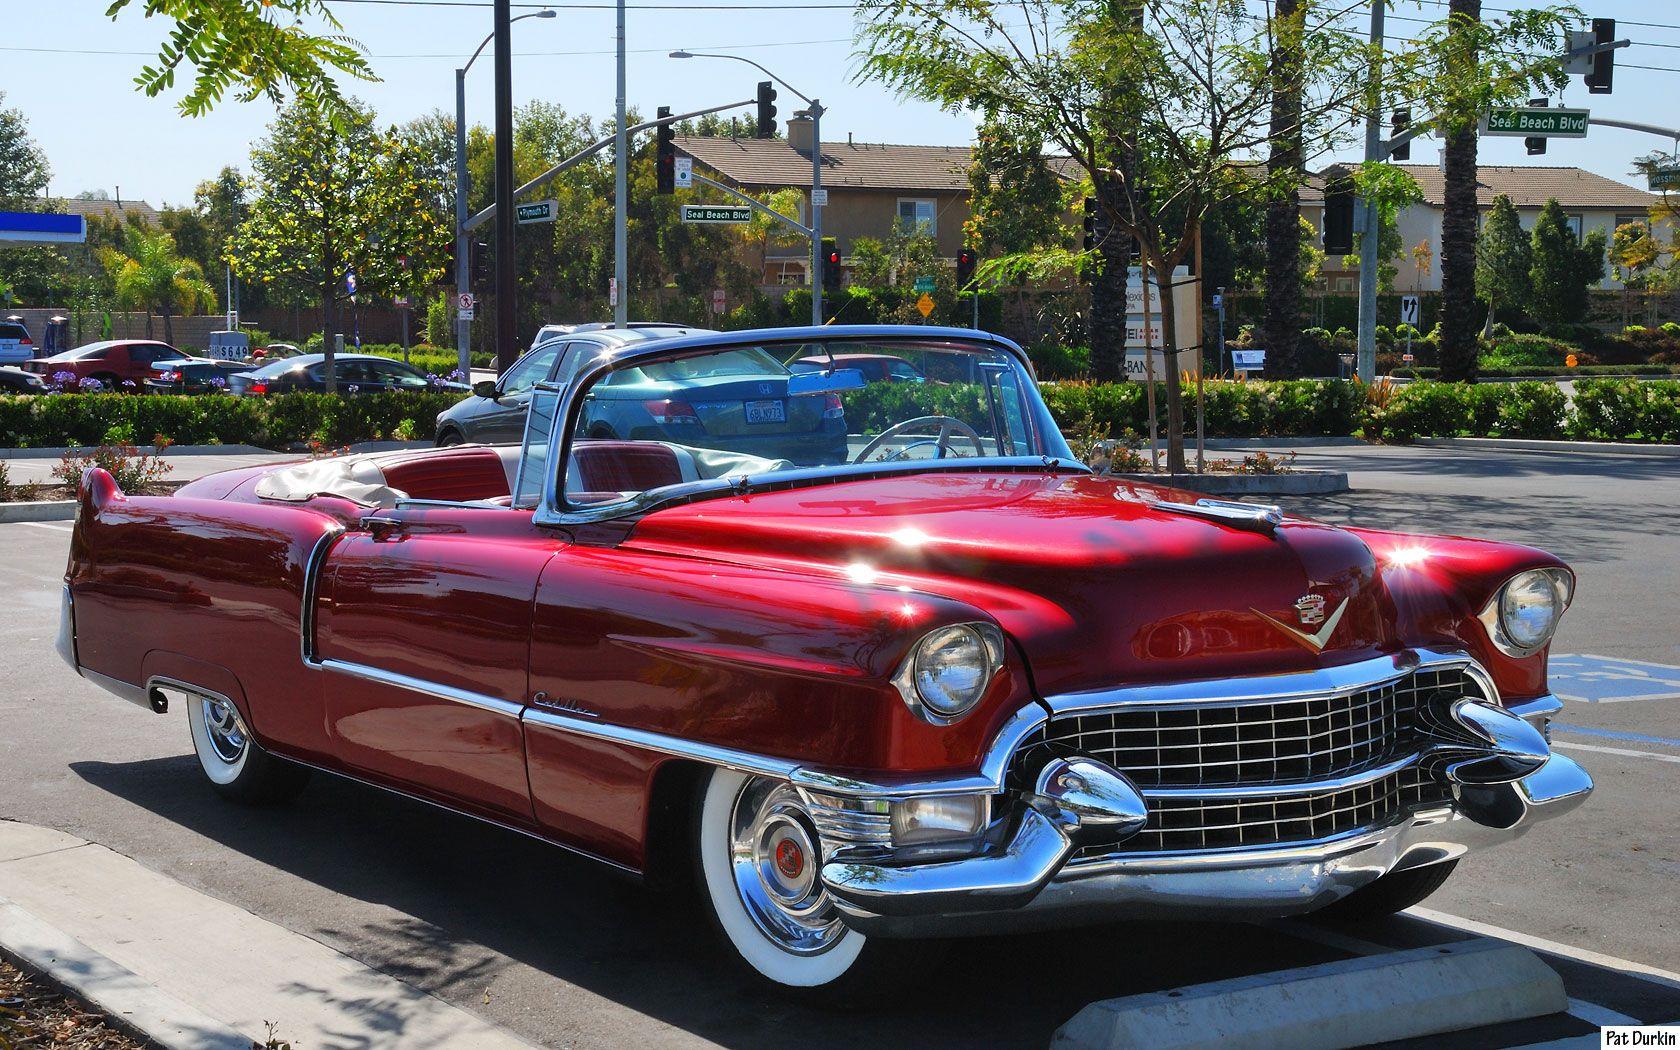 1955 cadillac series 62 convertible motor city girl pinterest cadillac series 62 cadillac and convertible